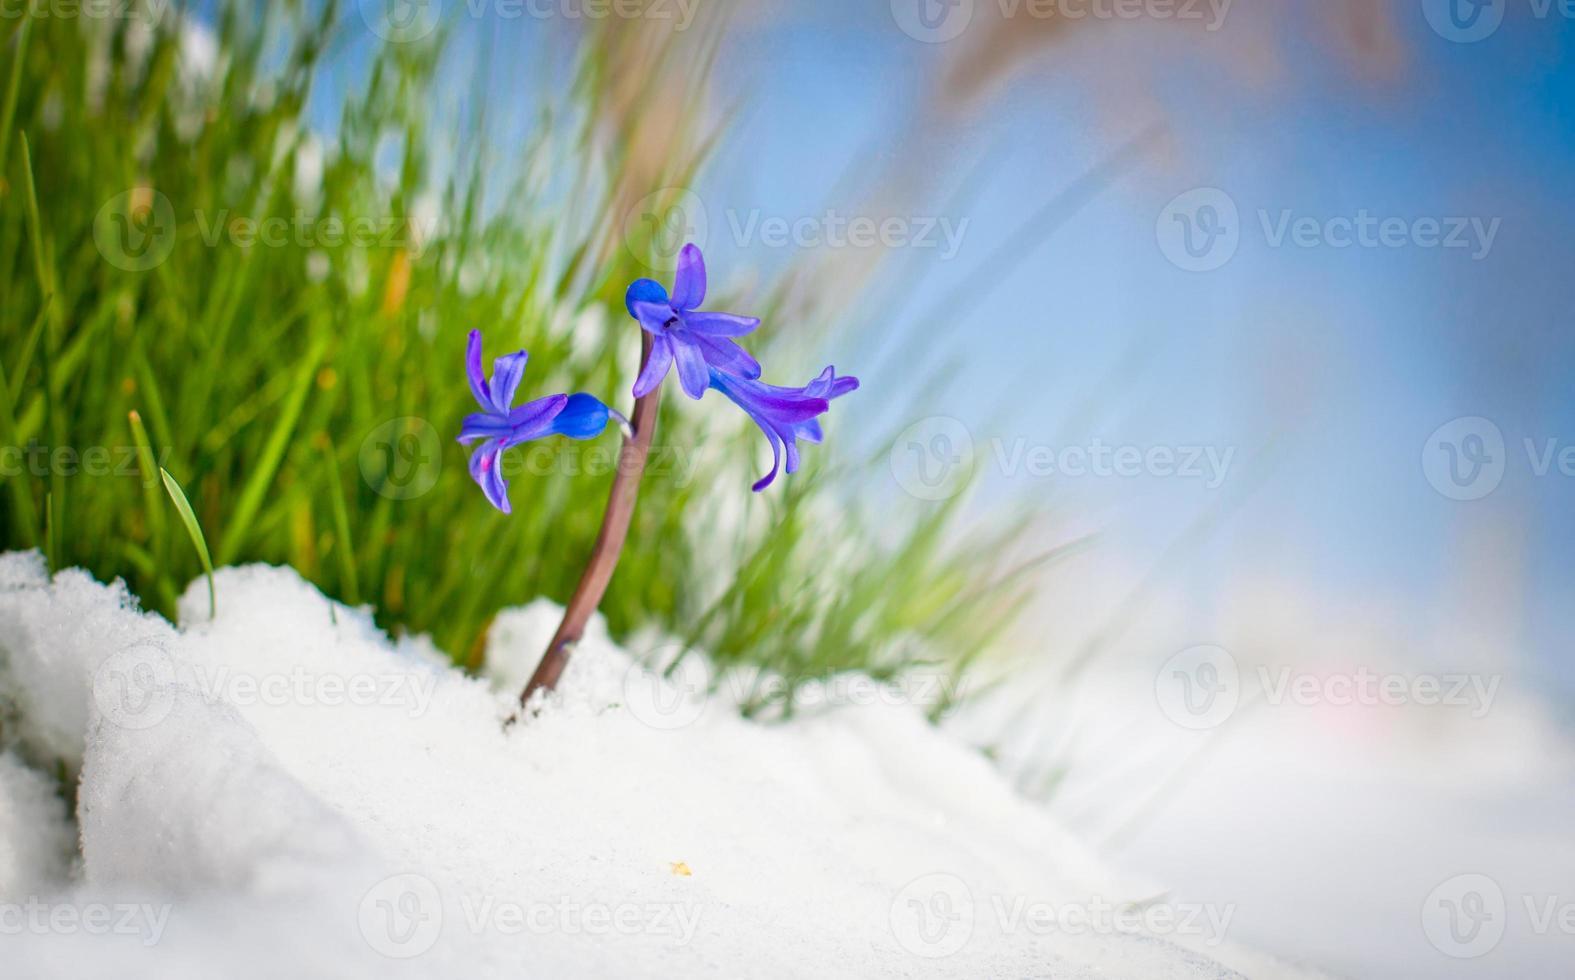 de eerste knoppen van hyacint in het voorjaar. foto